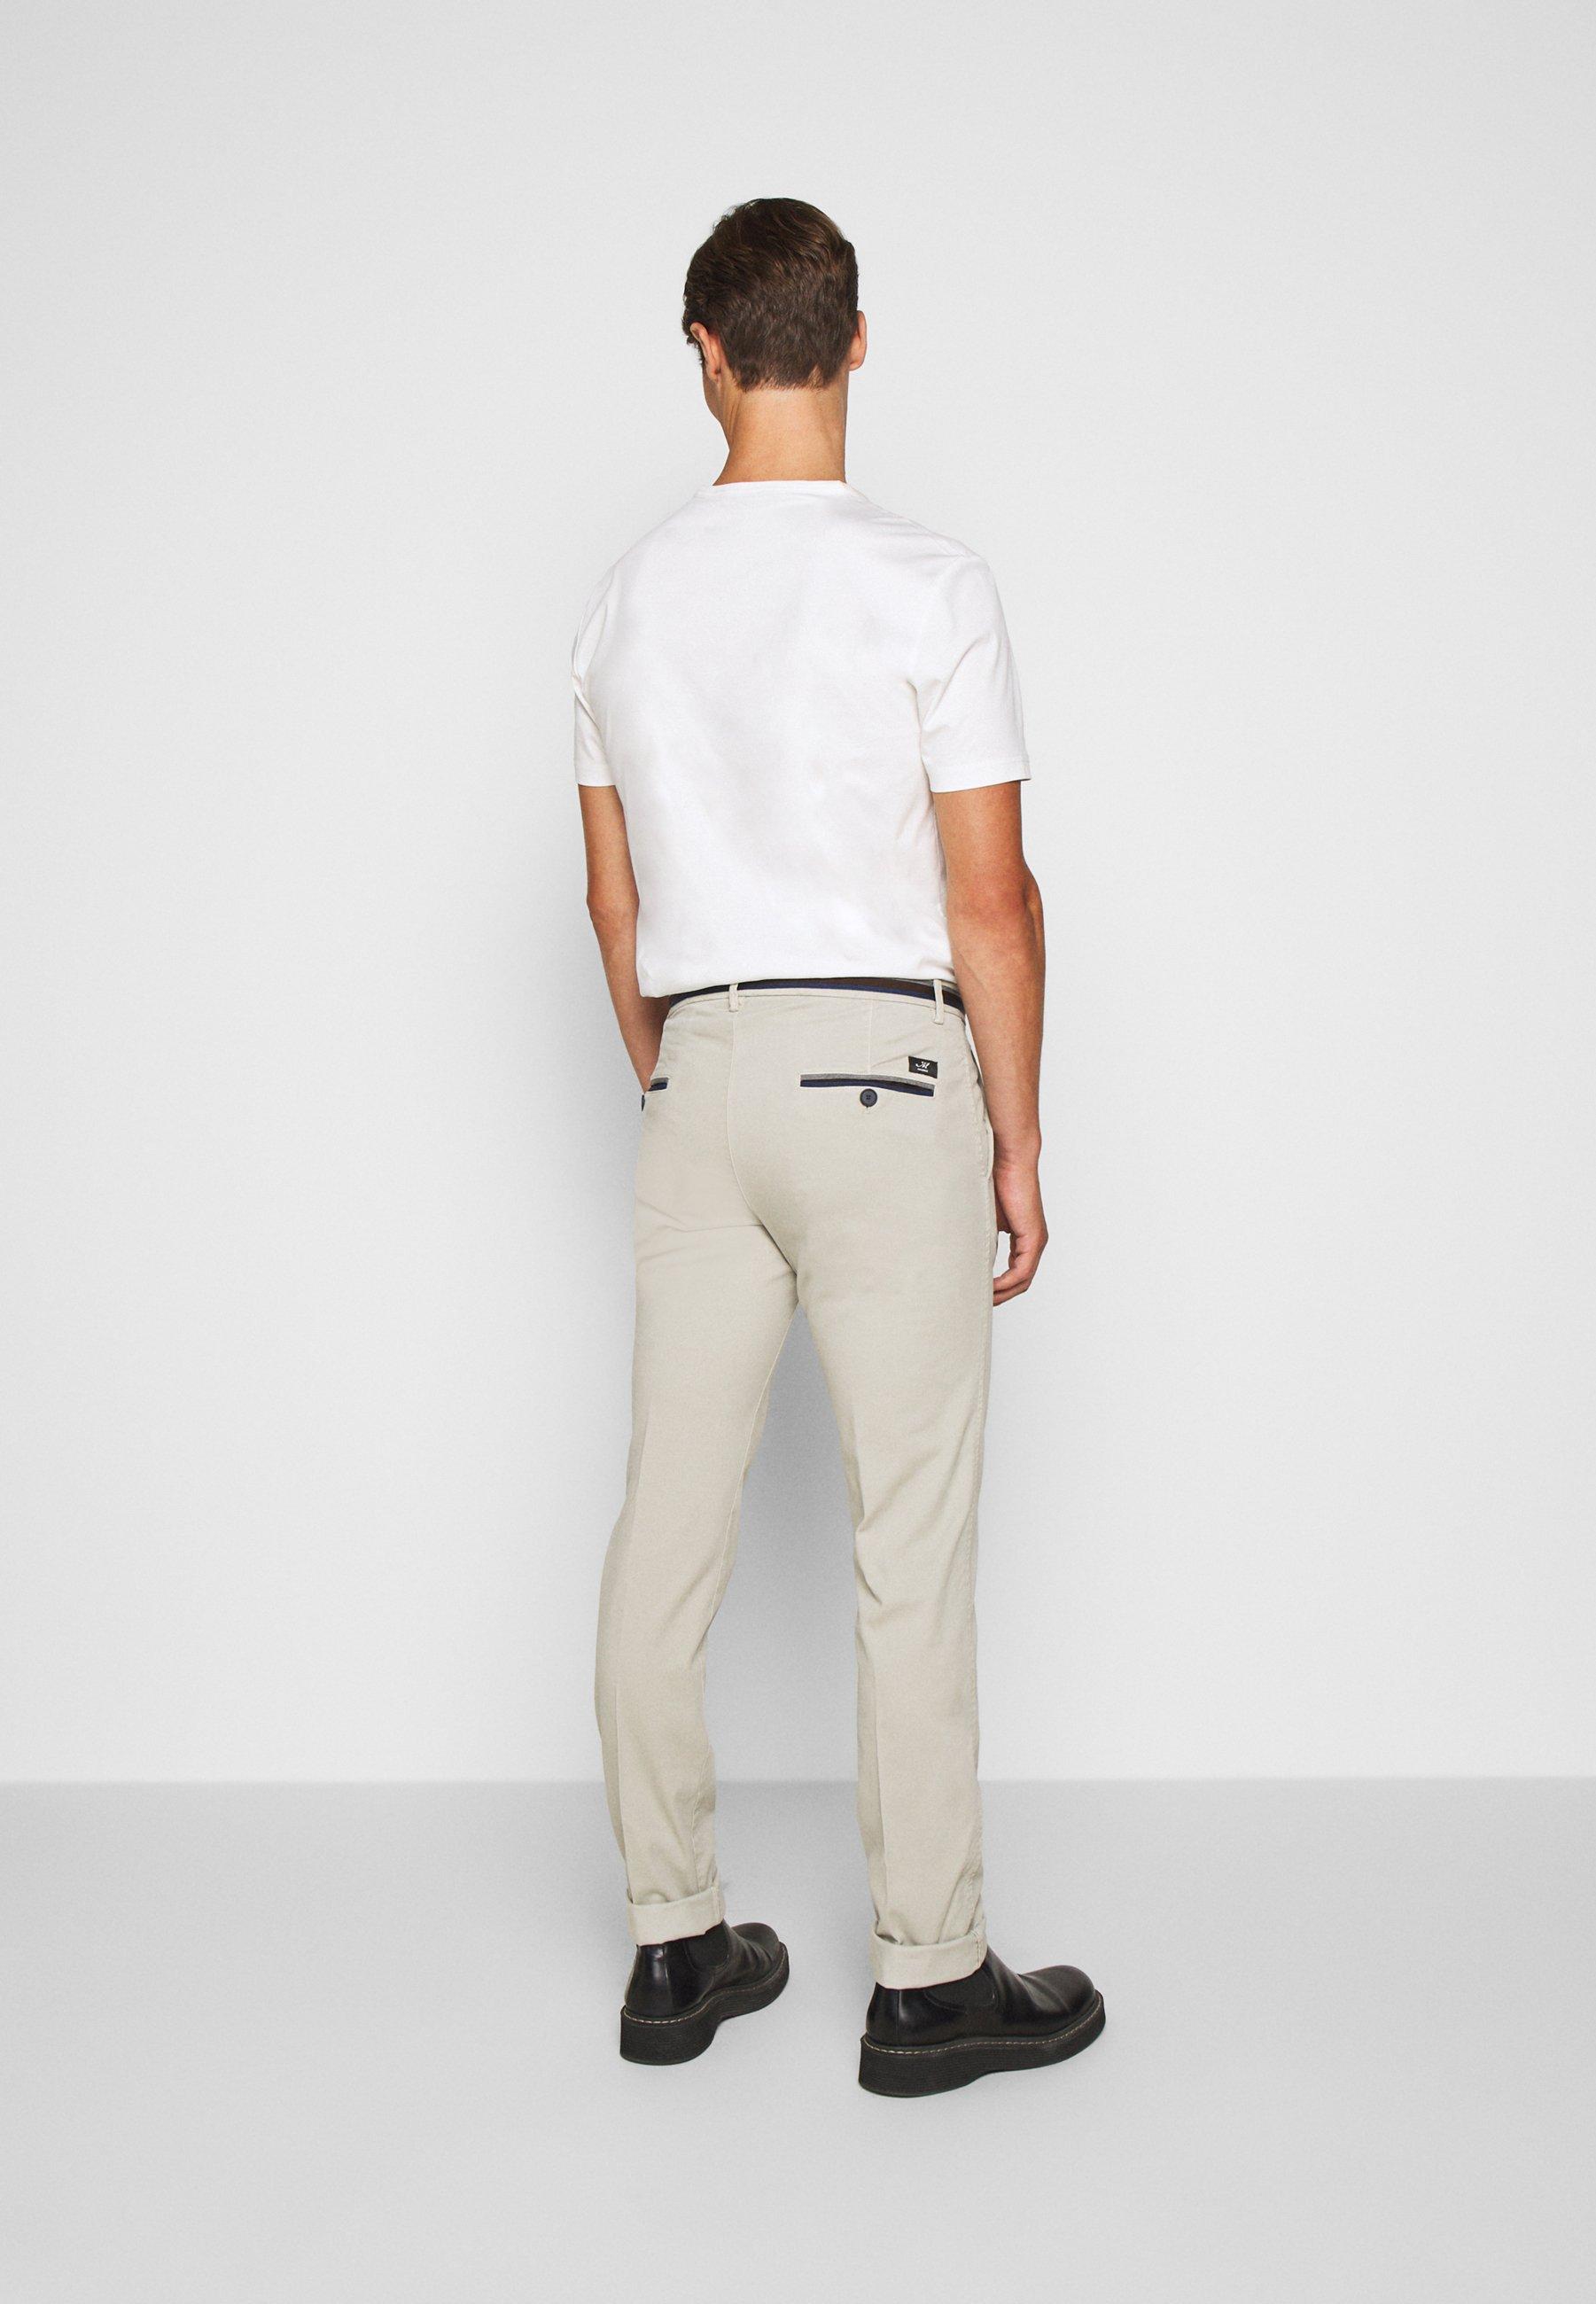 Acquista per Abbigliamento da uomo Mason's TORINO WINTER Chino light beige